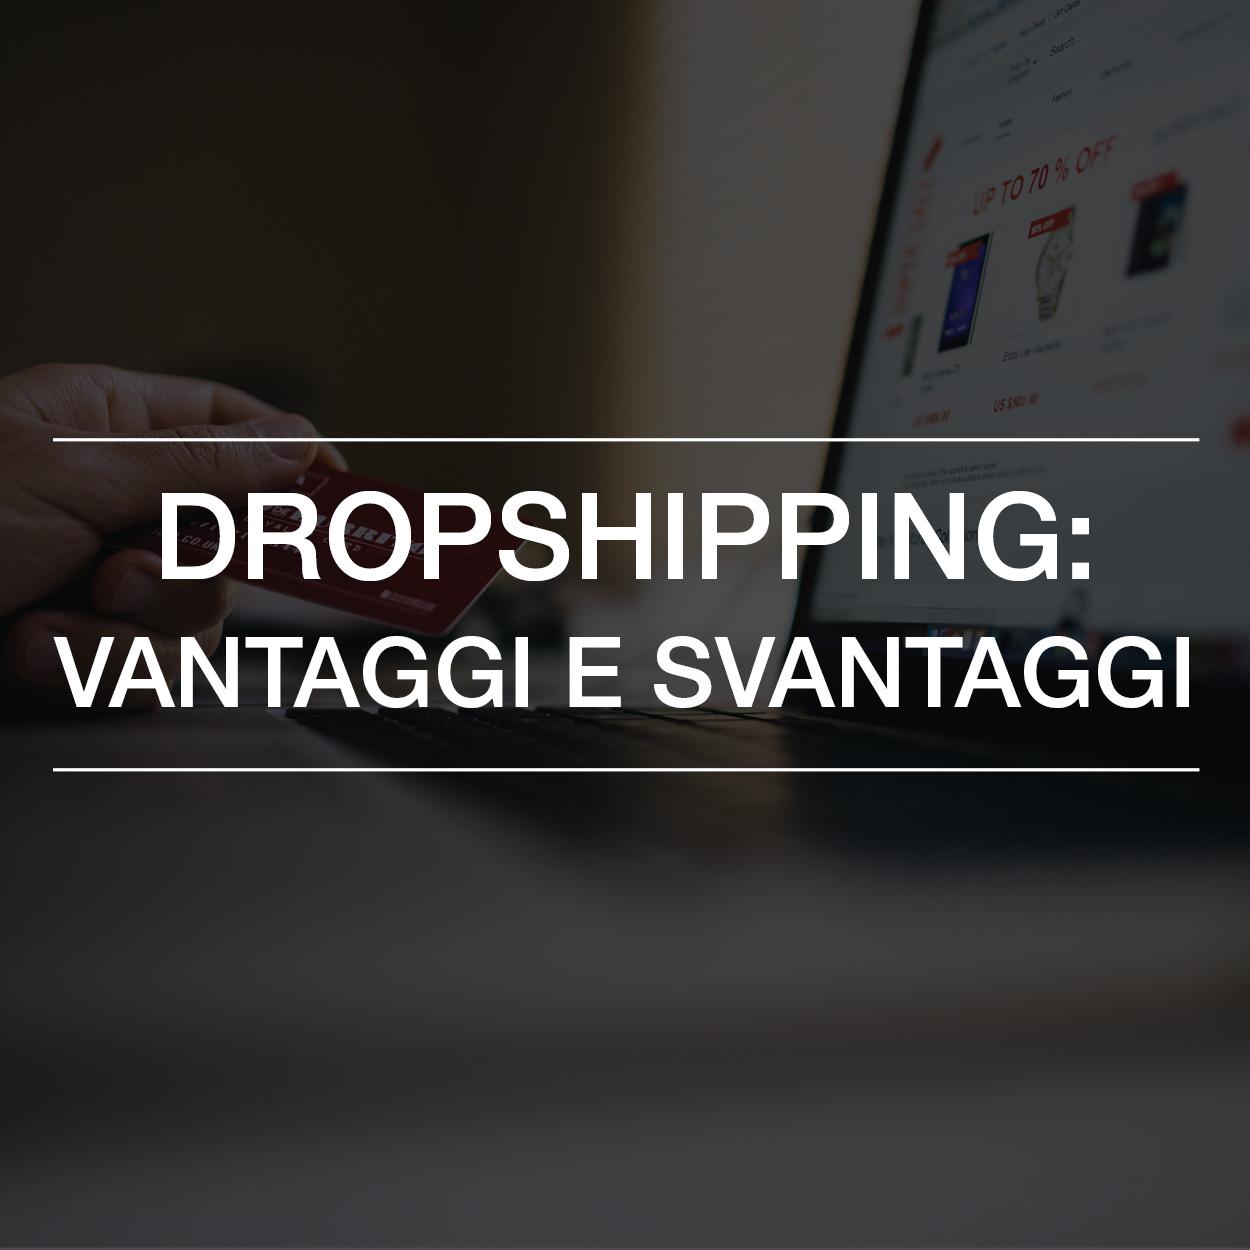 Dropshipping: vantaggi e svantaggi